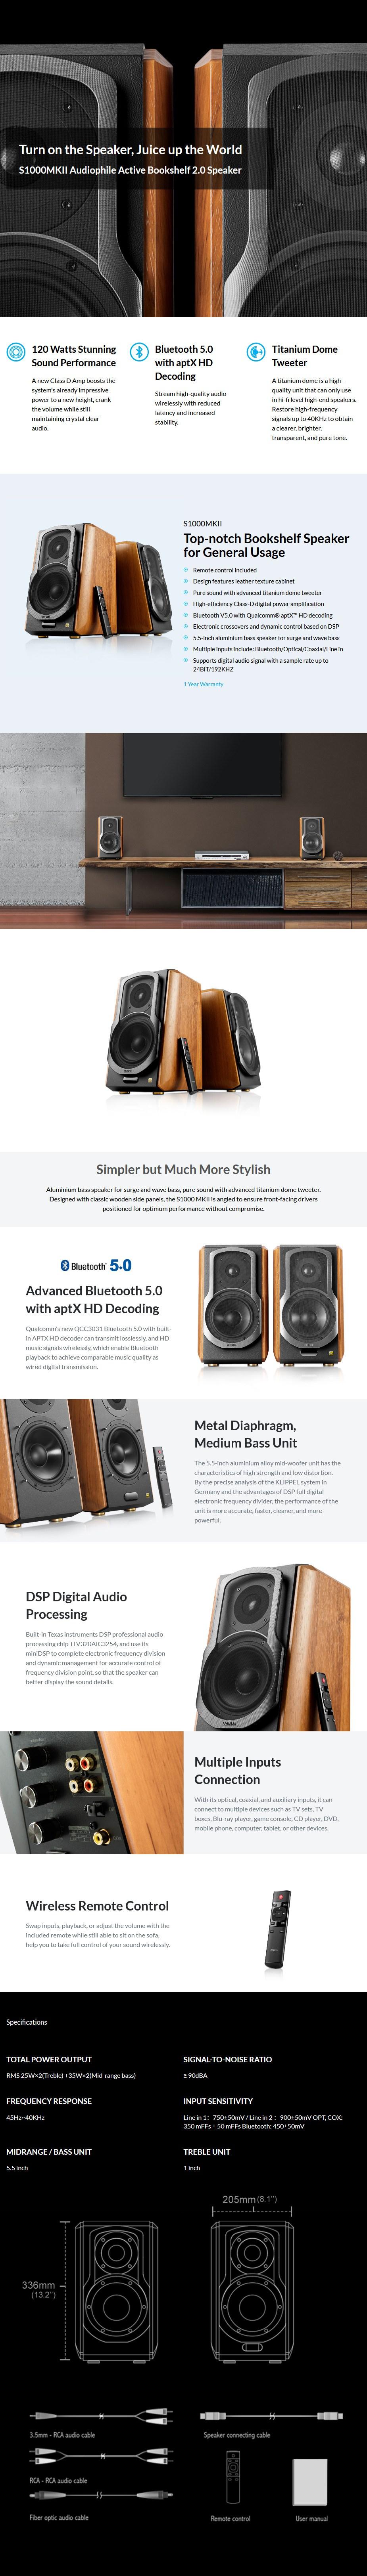 Edifier S1000MKIII Hi-Fi 2.0 Active Bookshelf Bluetooth Speakers - Overview 1